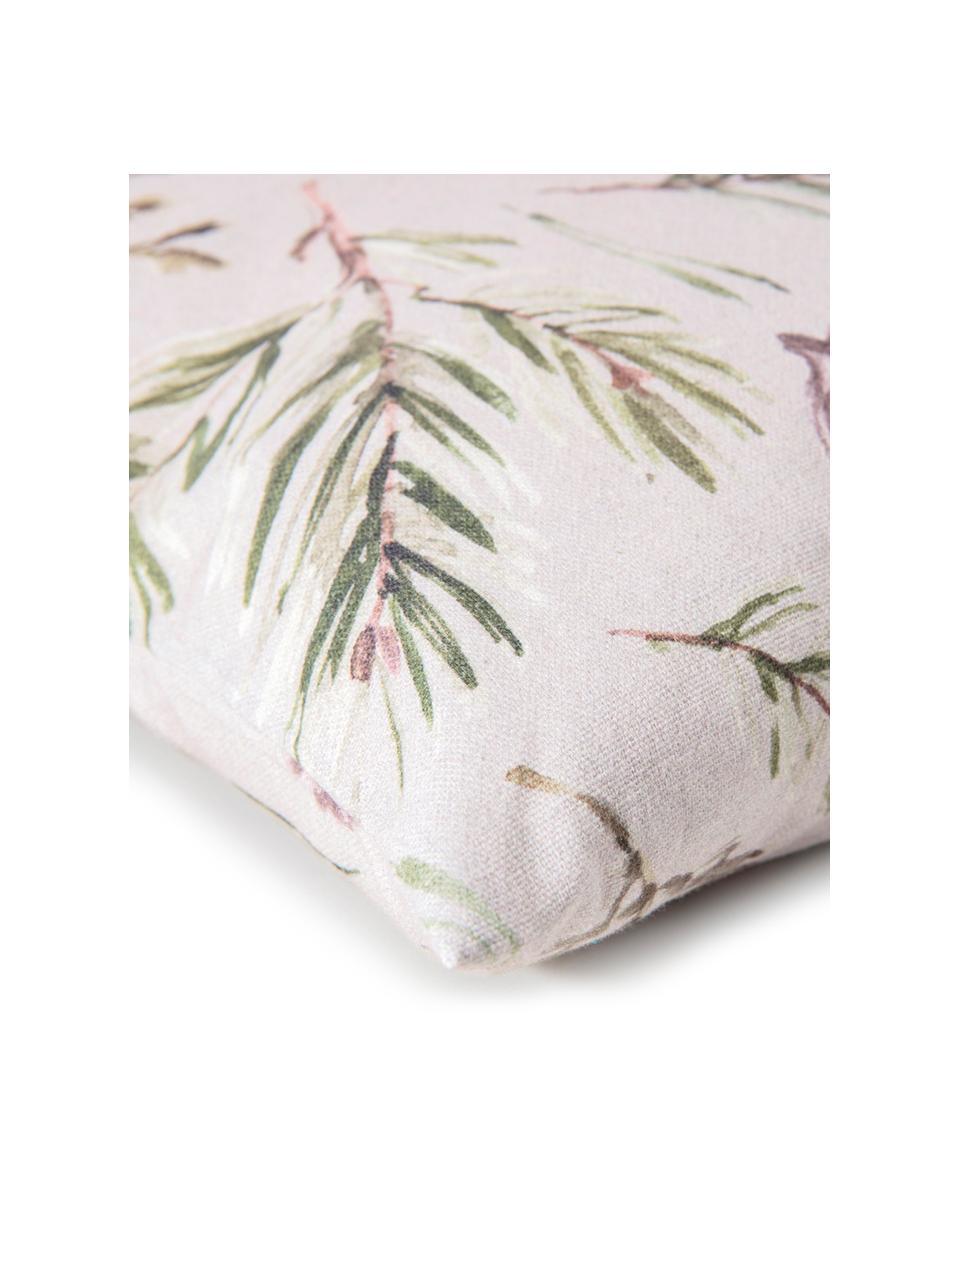 Dwustronna poszewka na poduszkę Tanne, Bawełna, Odcienie szarego, odcienie zielonego, S 50 x D 50 cm